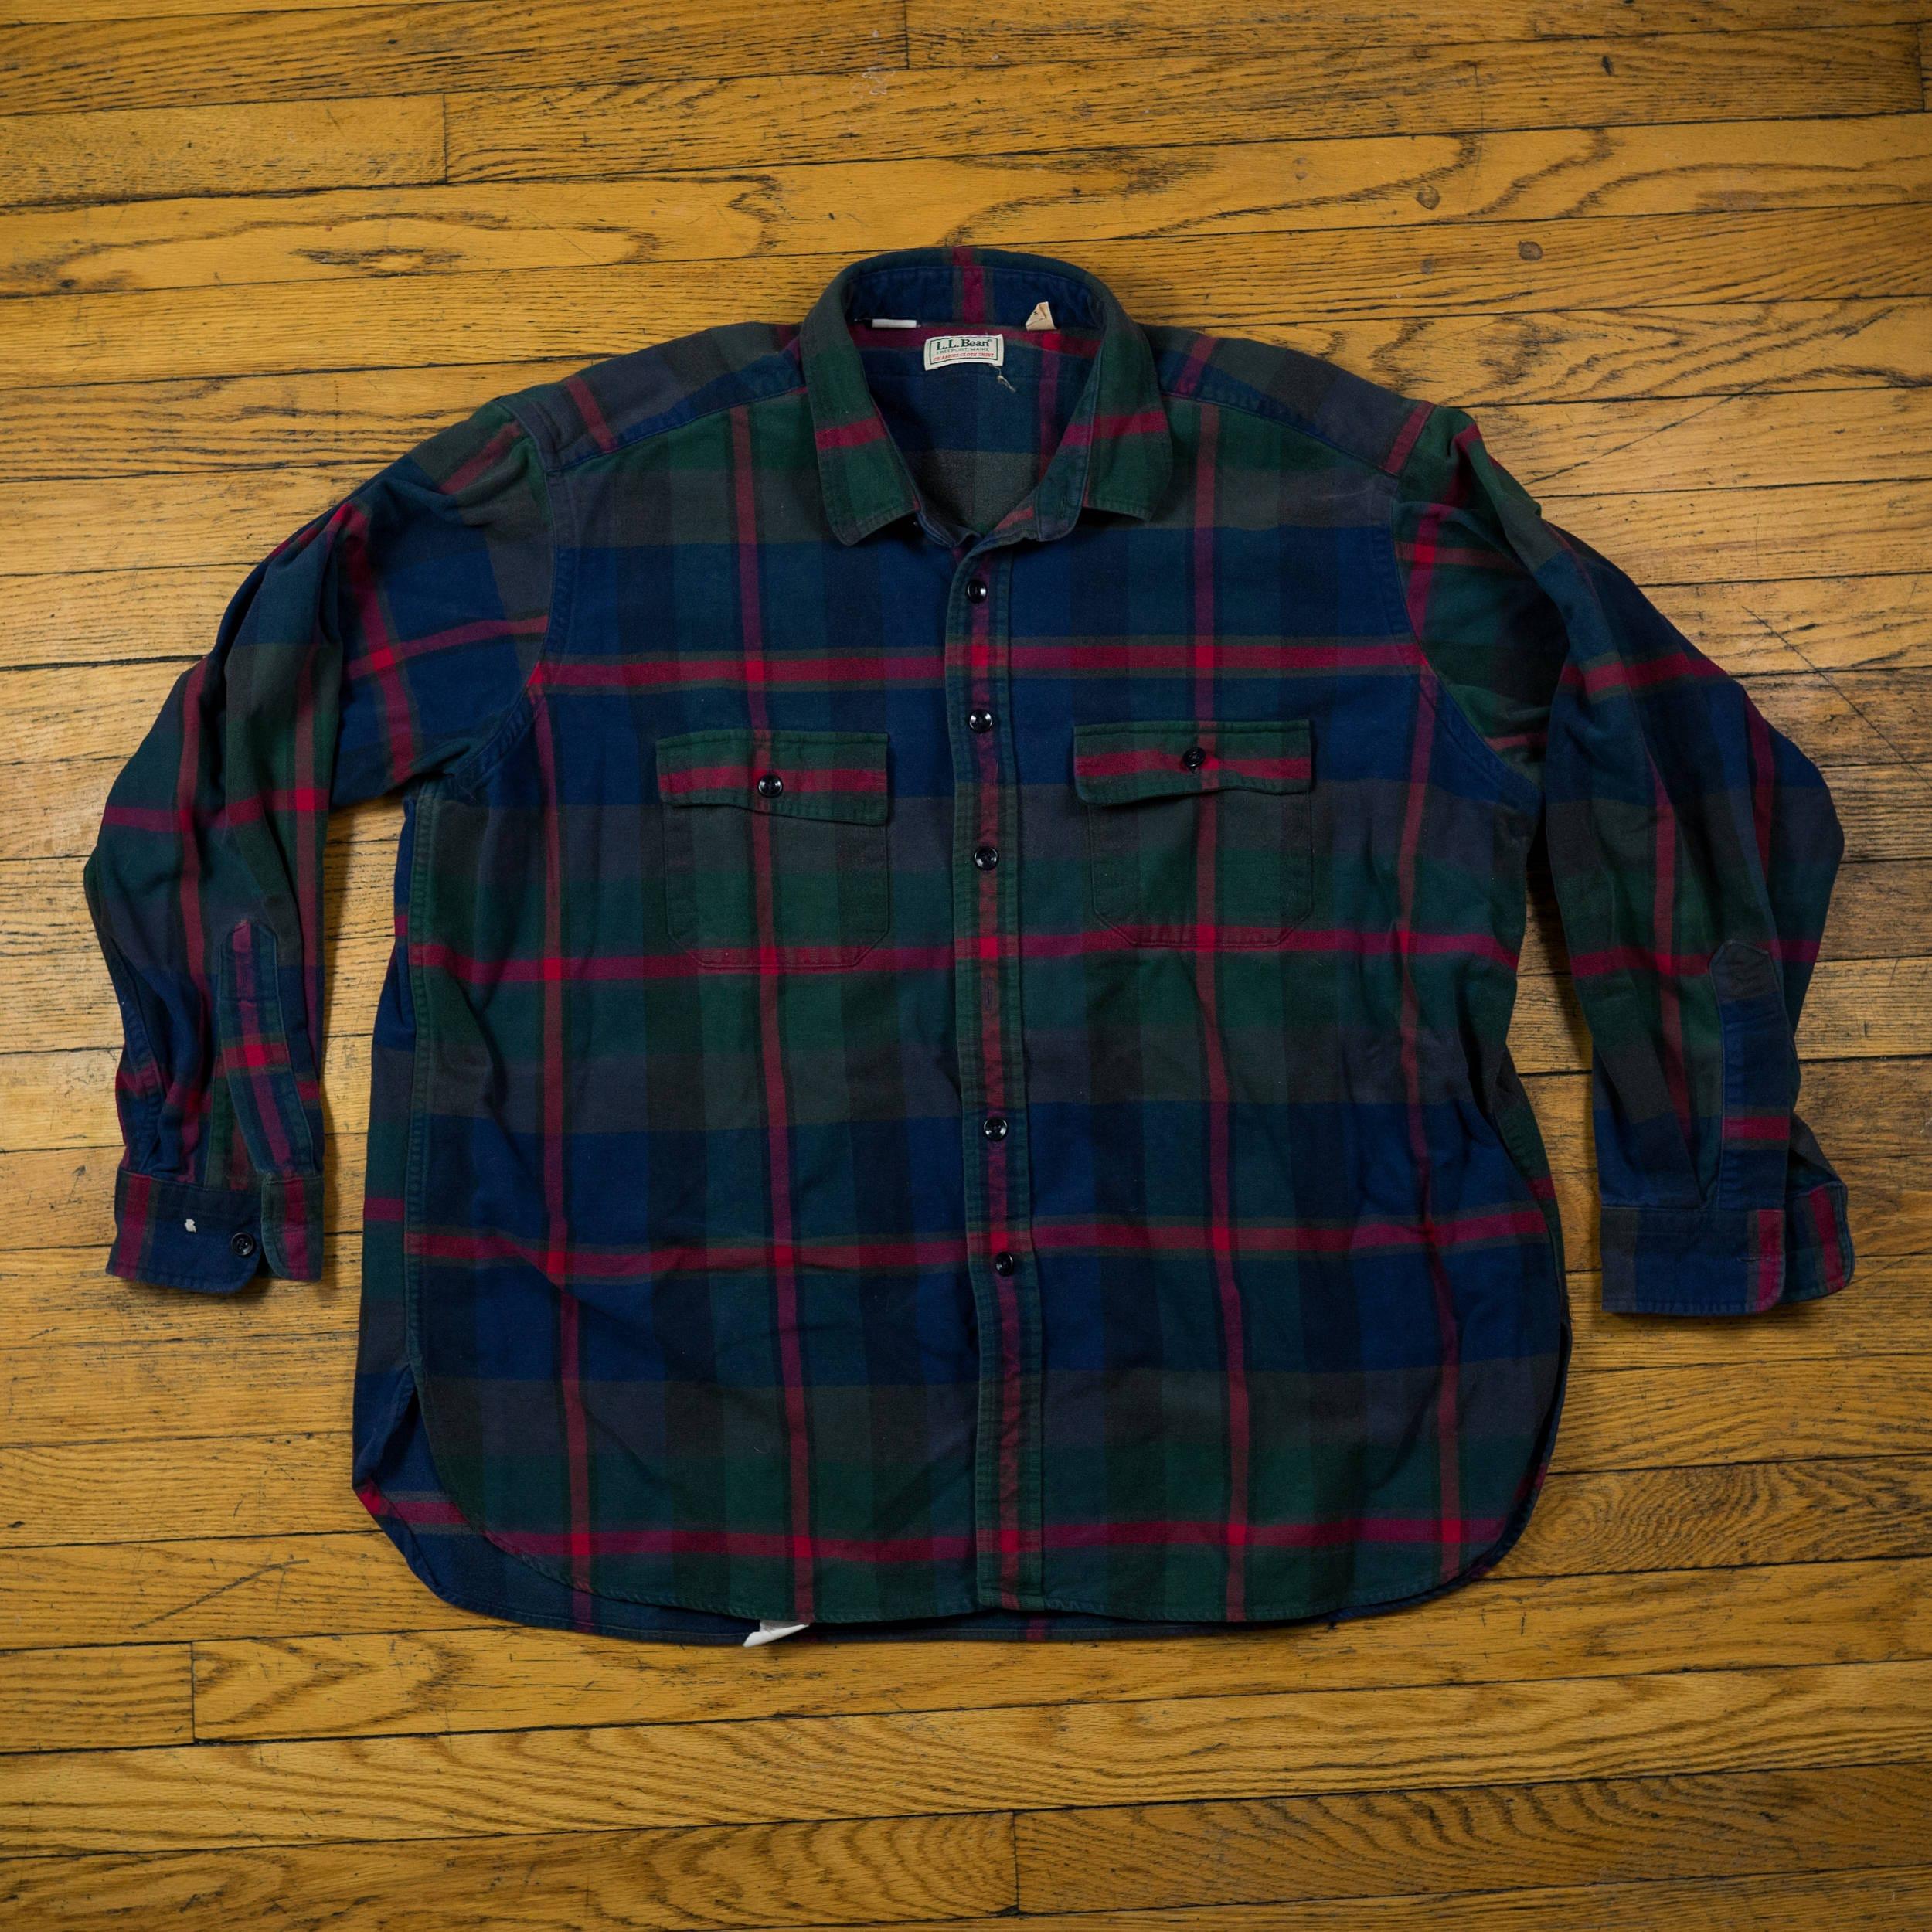 9691a6e5cca56 Freeport Flannel Shirt Ll Bean - BCD Tofu House